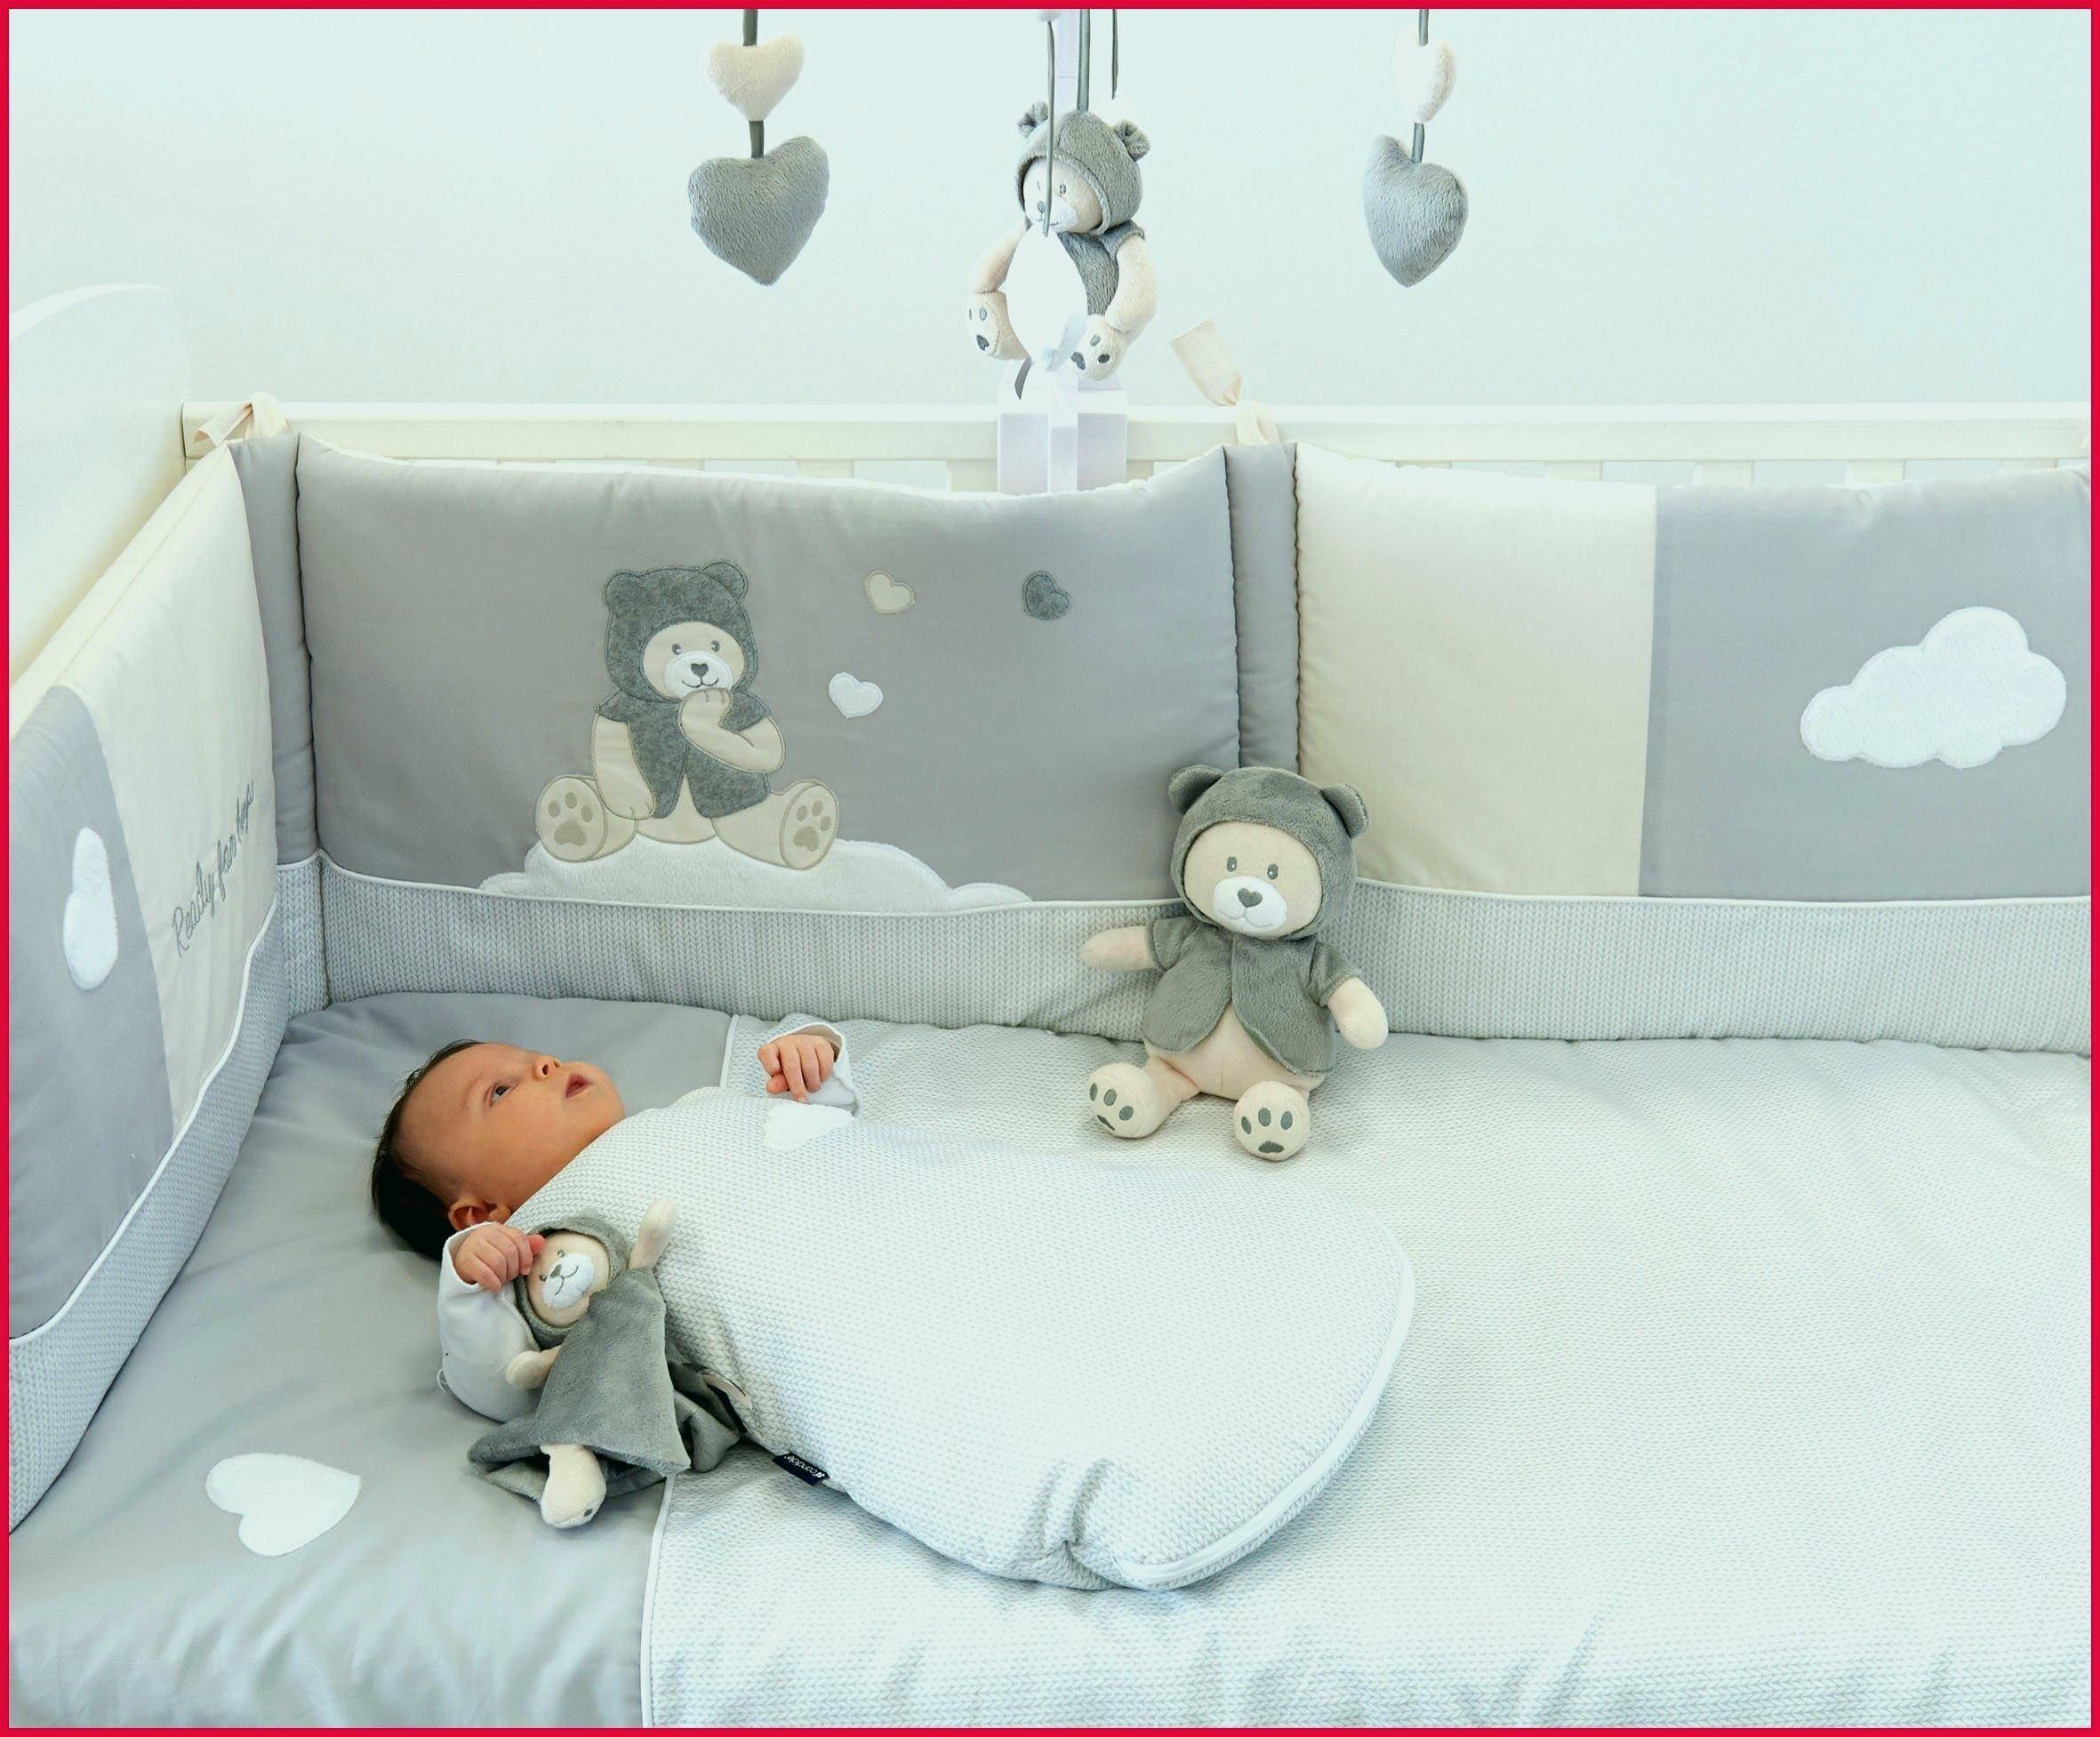 Banquette Lit Enfant Nouveau Ciel De Lit Cabane Frais Lit Pour Bebe Charmant Banquette Lit 0d